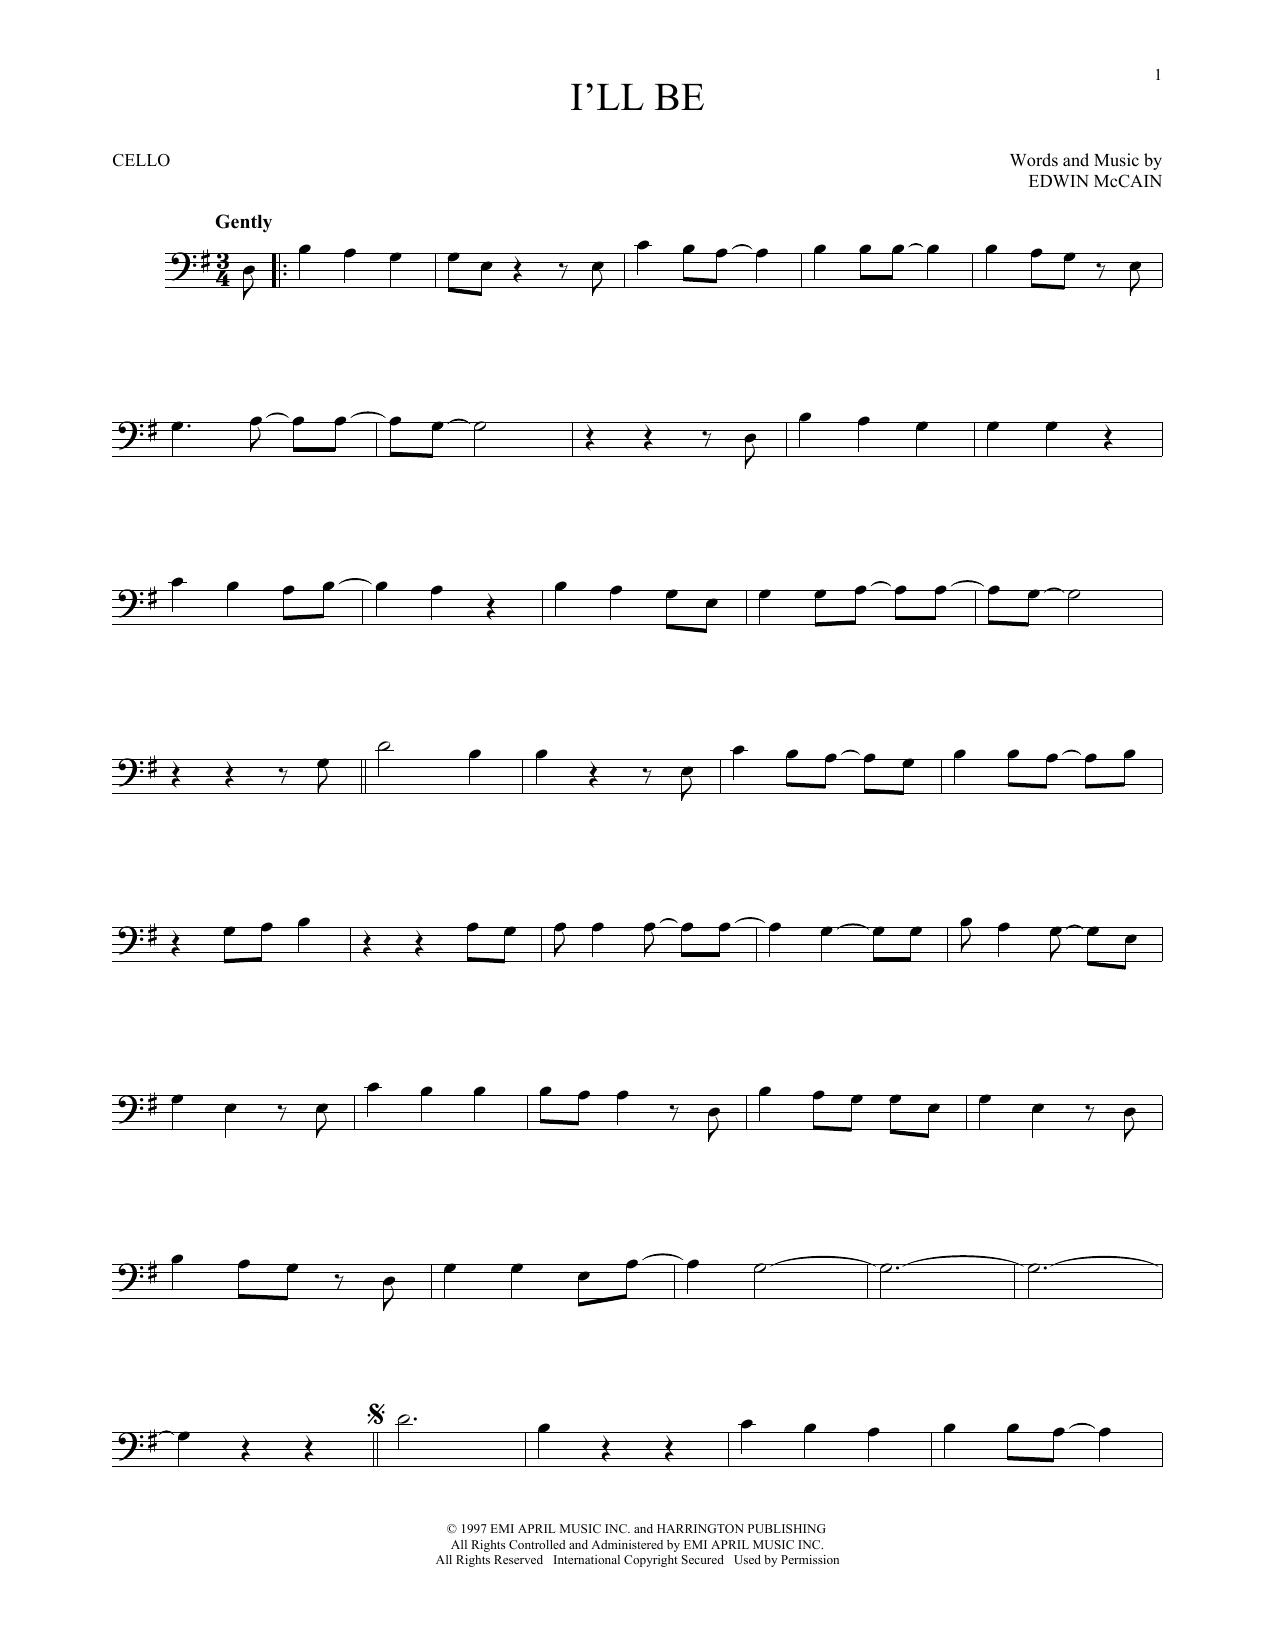 I'll Be (Cello Solo)